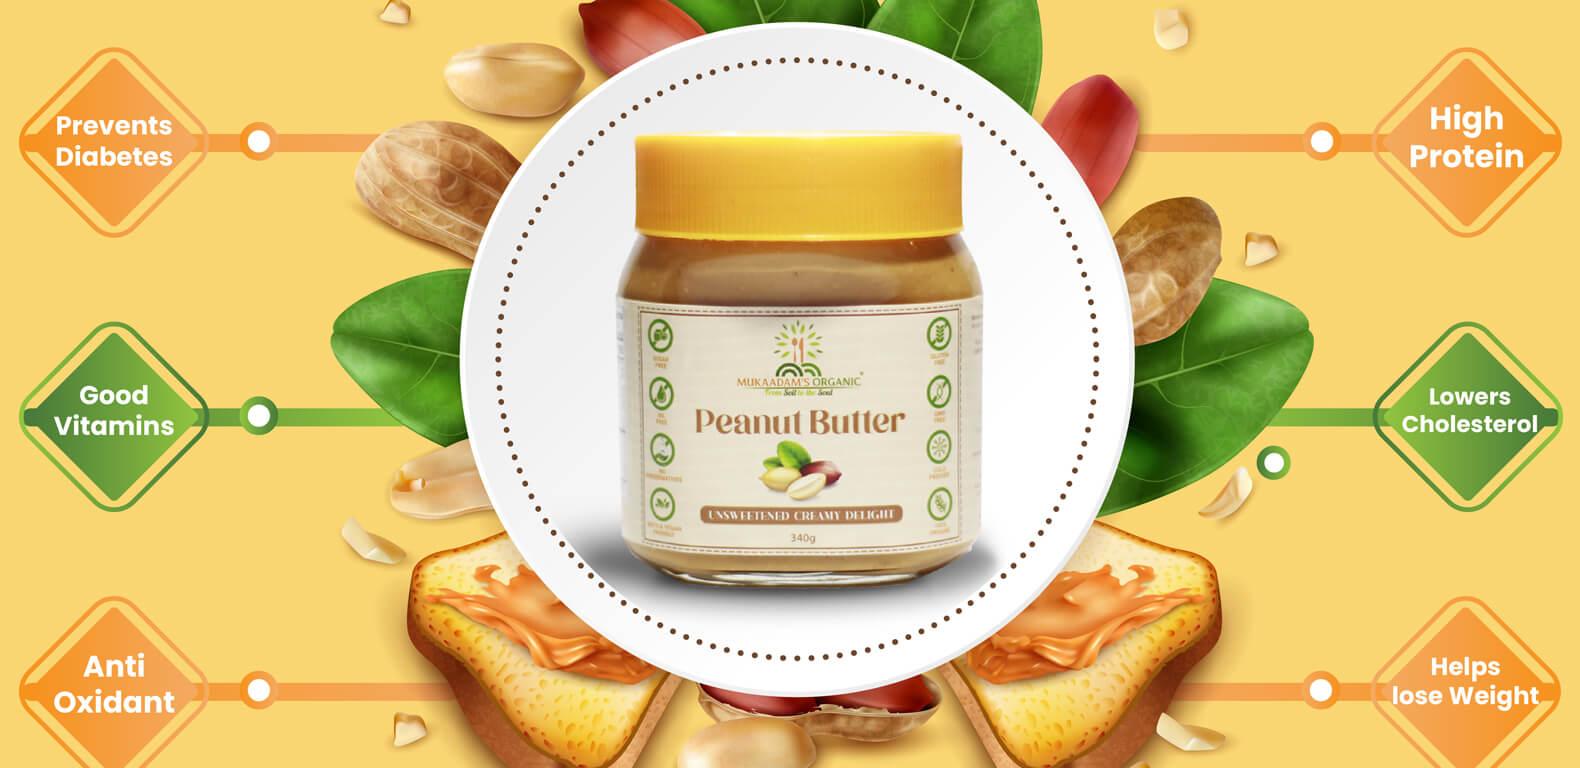 Packaging-design-nut-butter-benefits